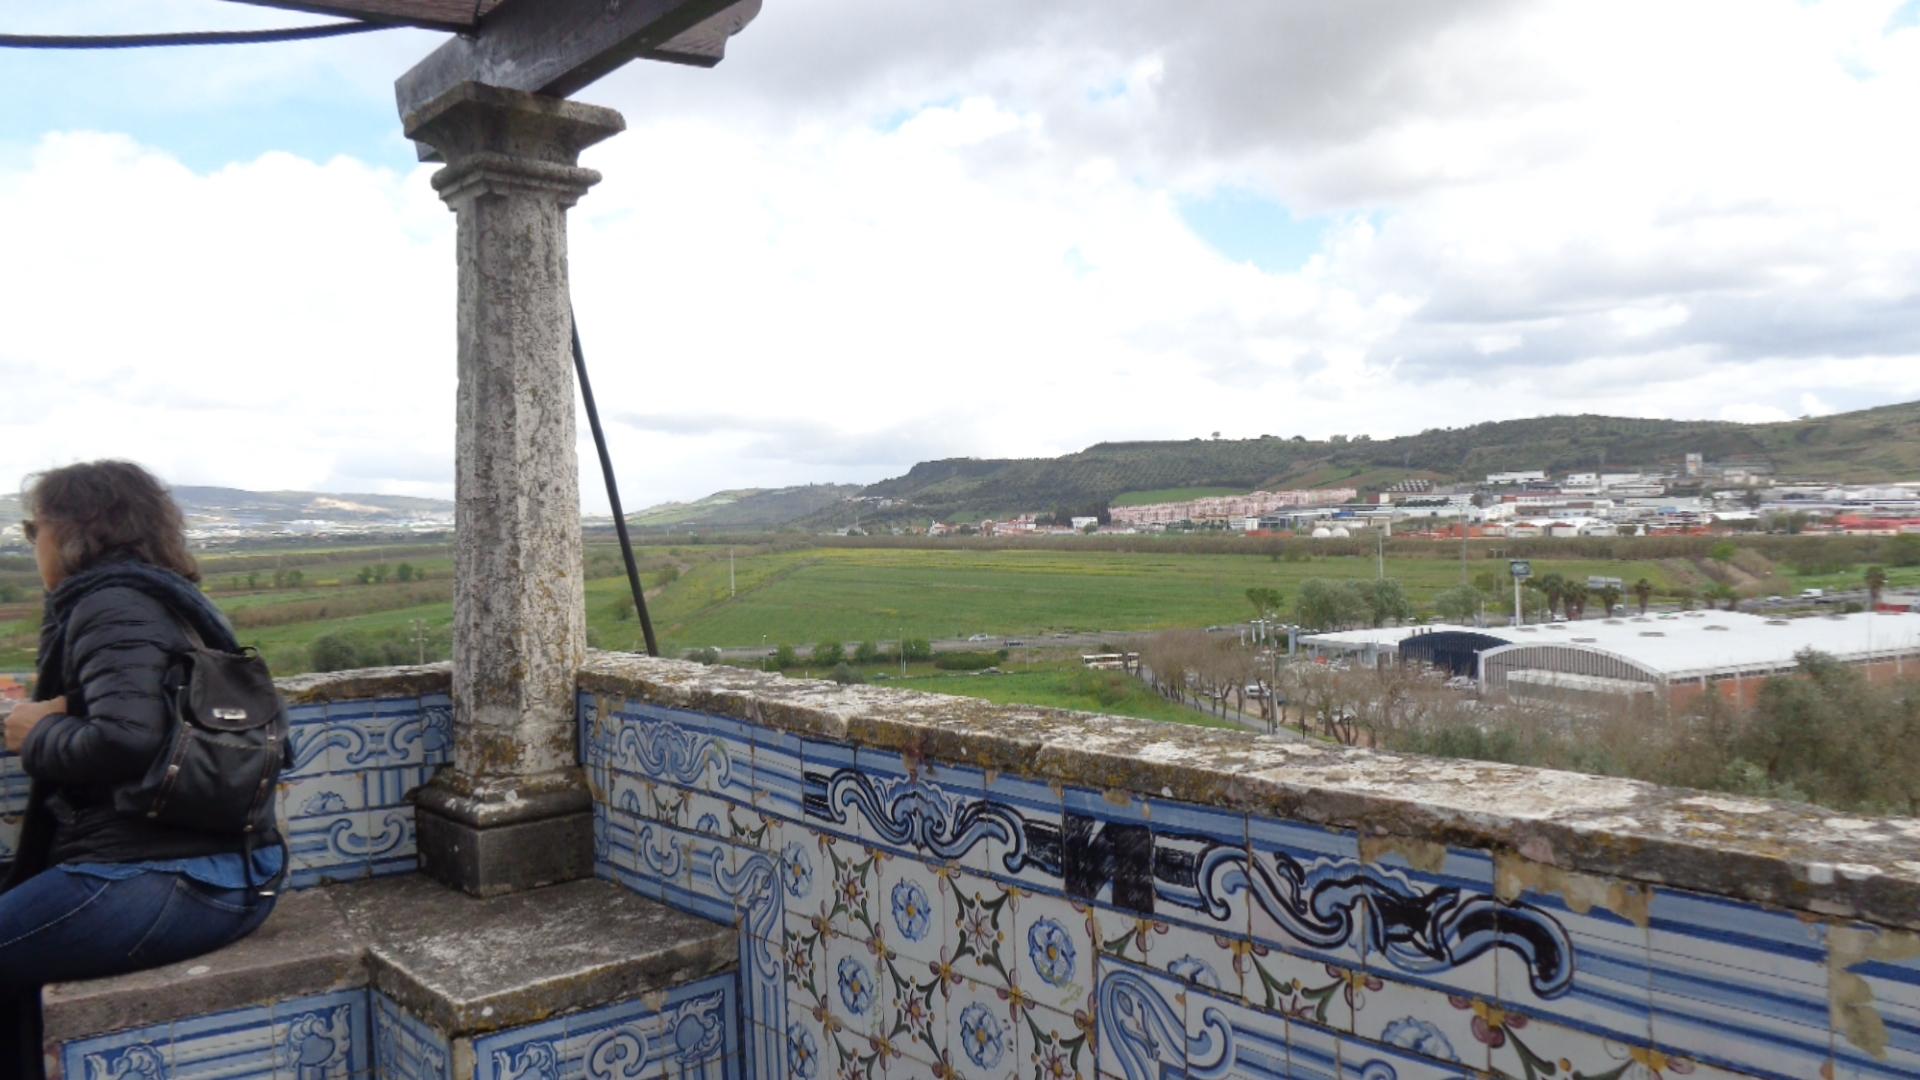 Património Museológico vandalizado Quinta do Conventinho - Ana Almeida